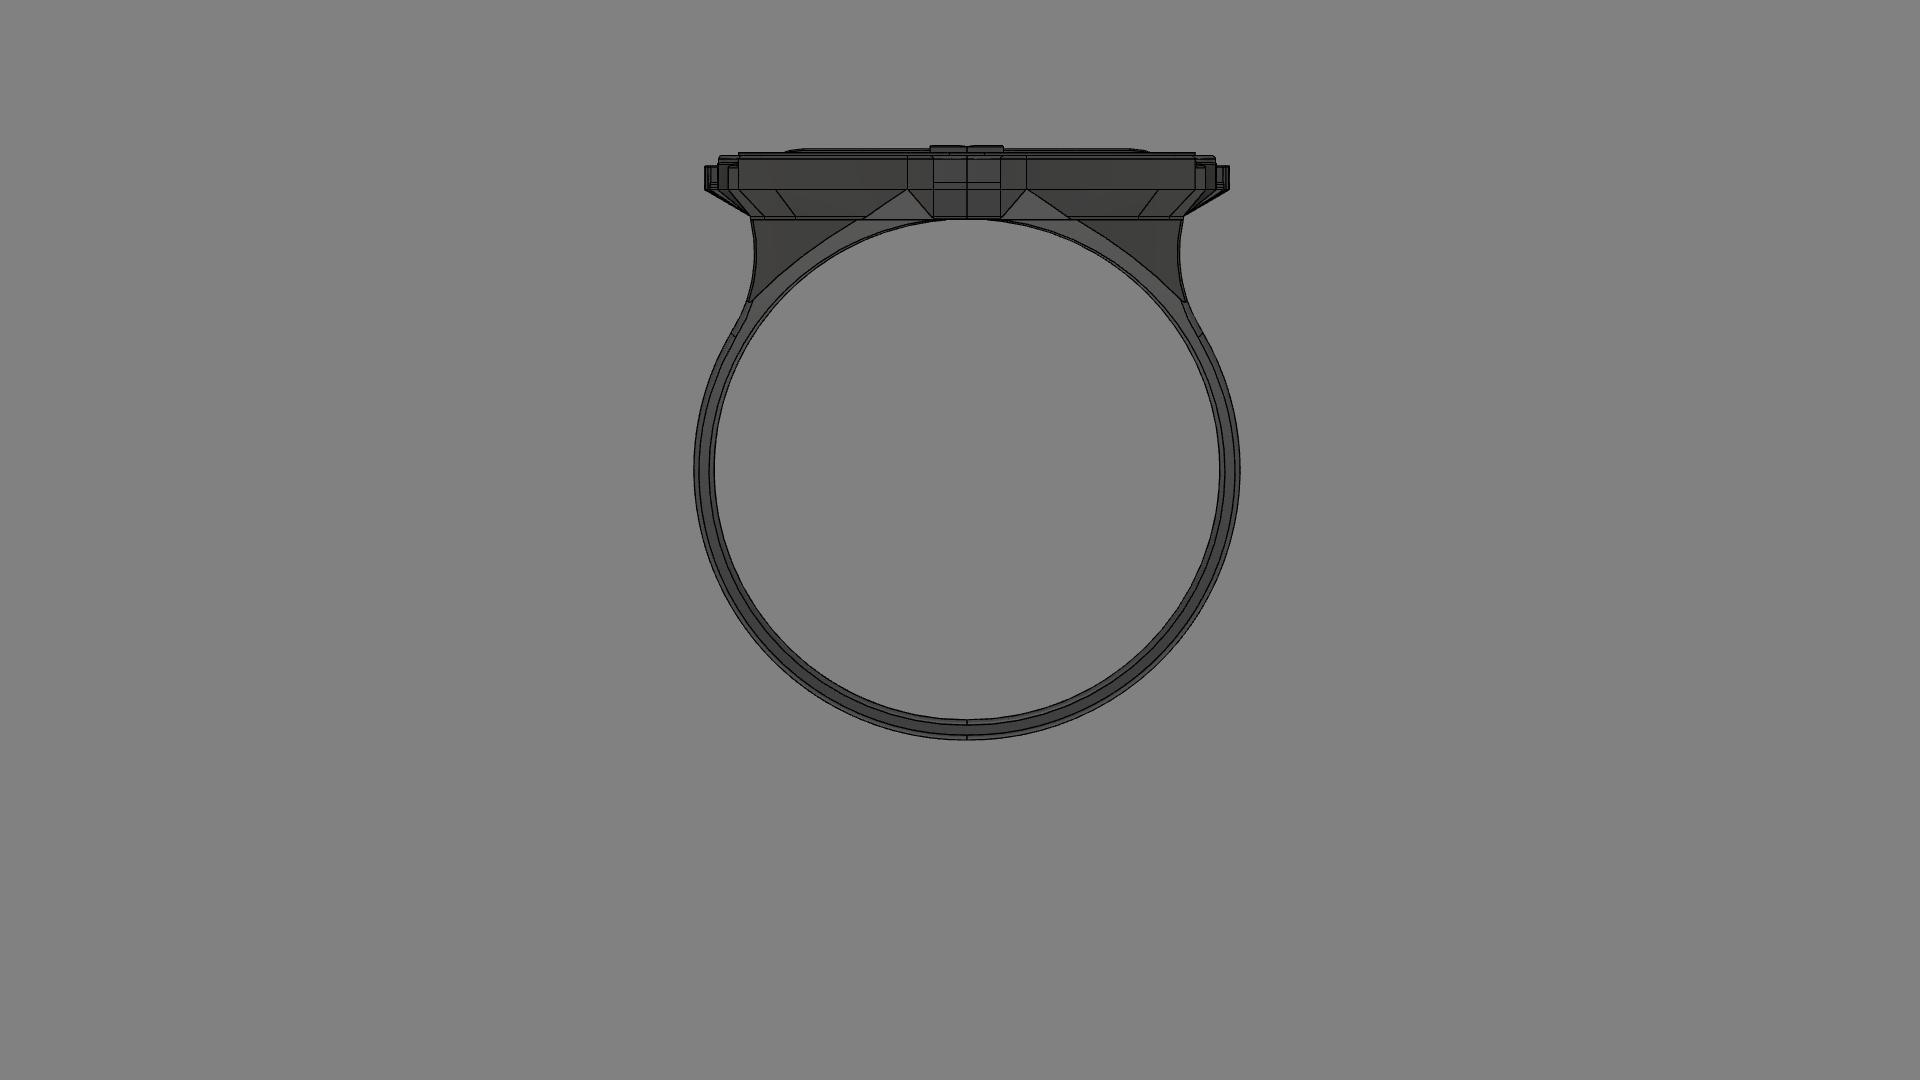 12.png Télécharger fichier OBJ gratuit Anneau mandalorien • Modèle imprimable en 3D, quaddalone